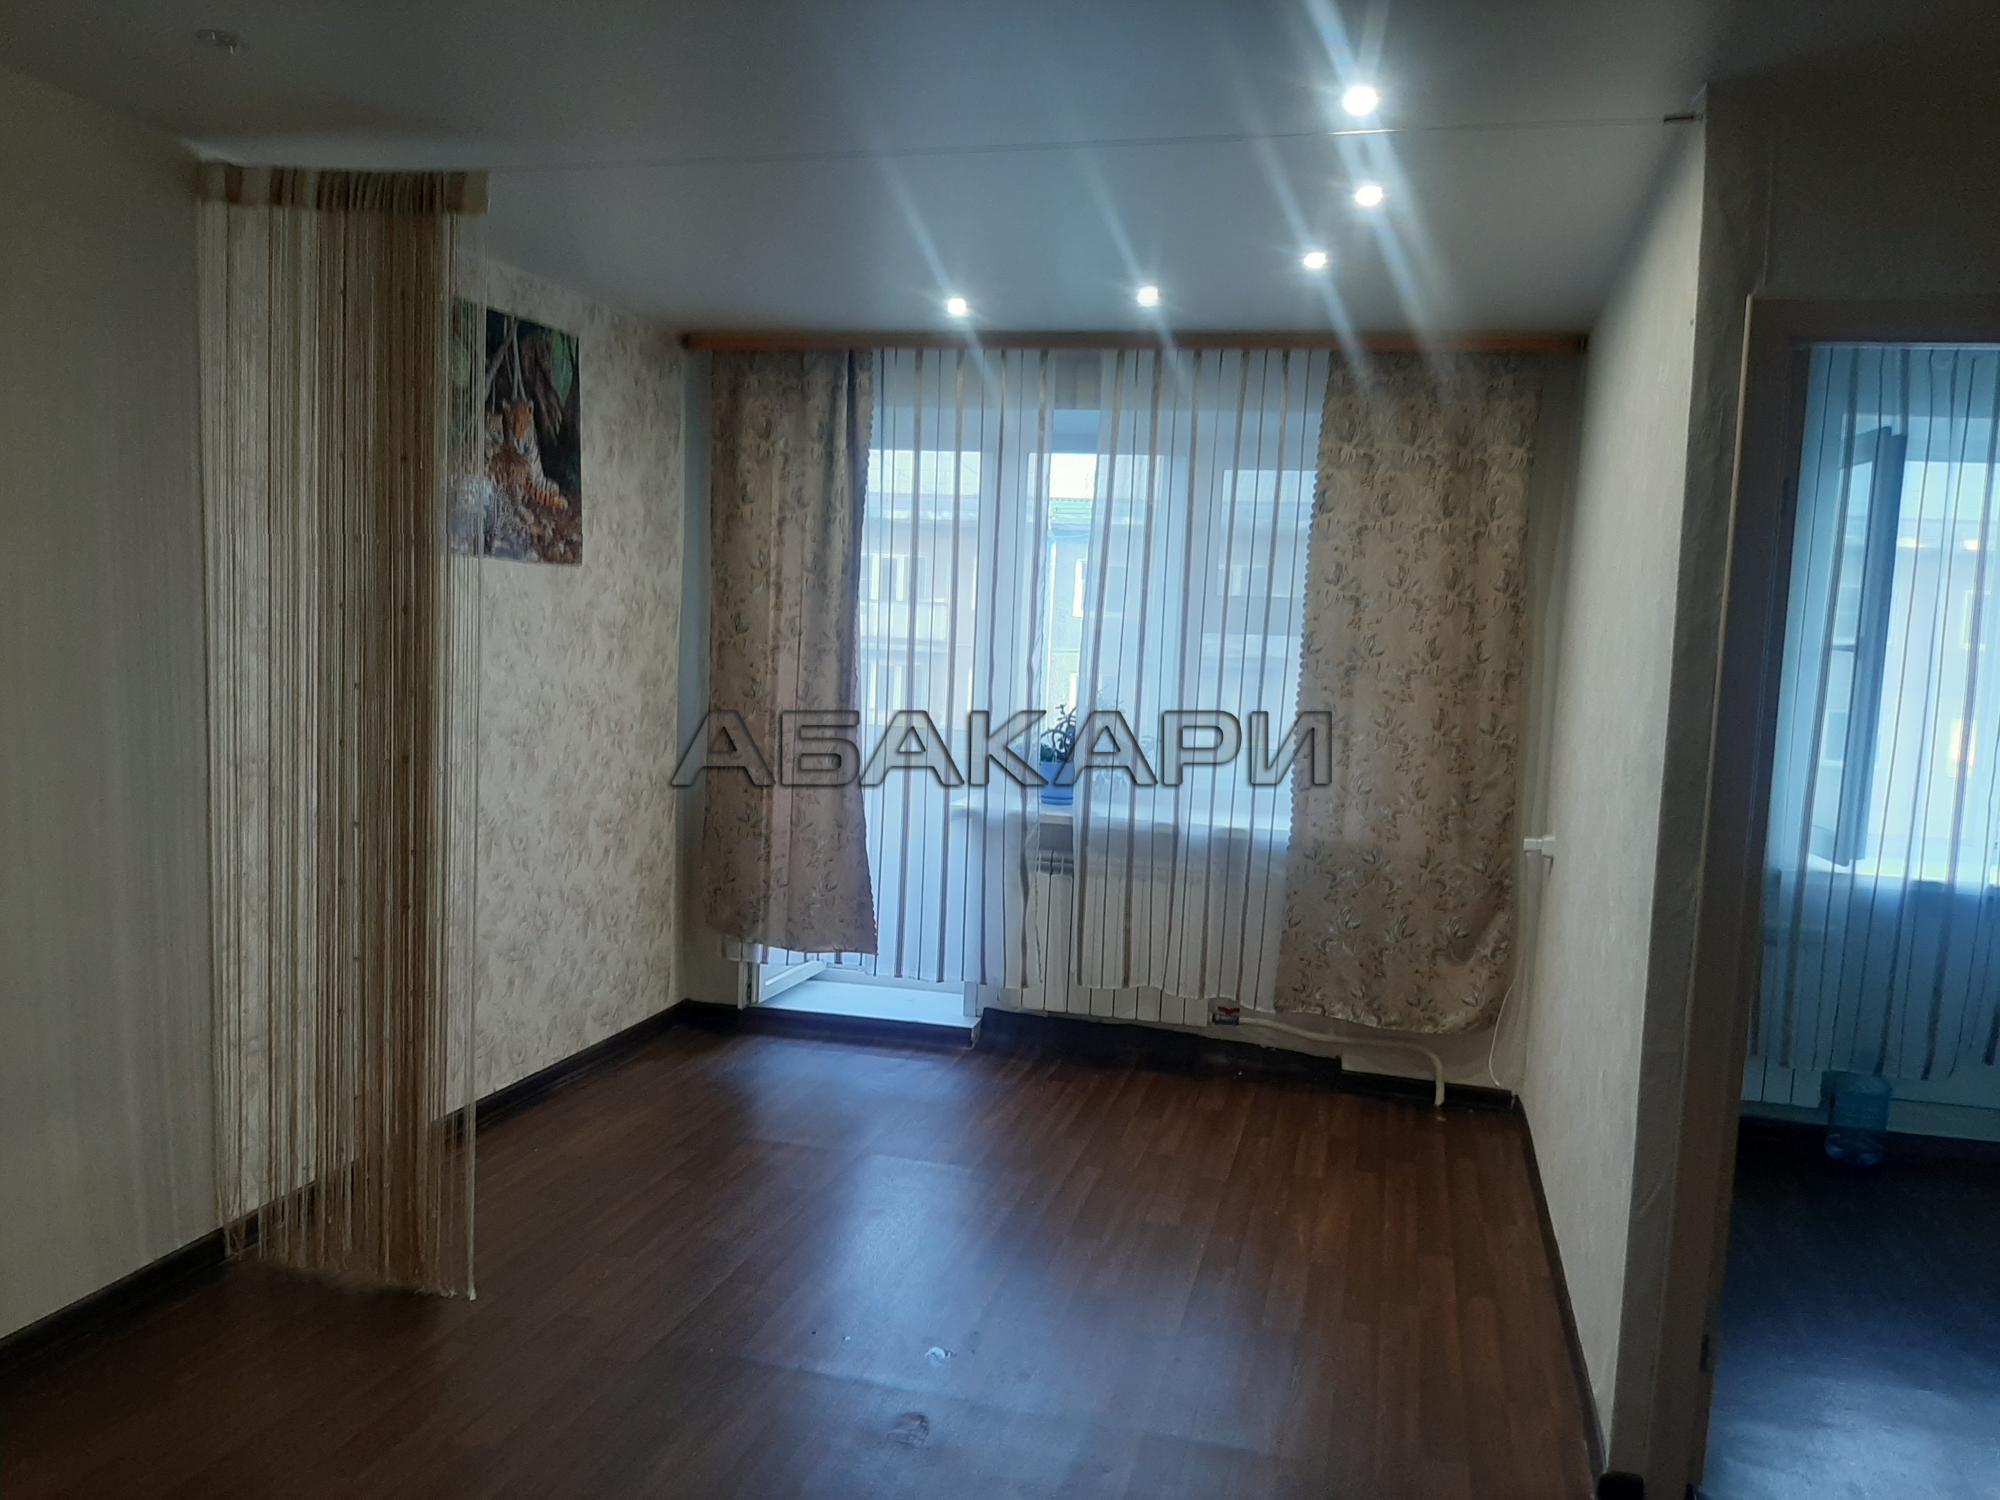 Квартиры студия площадь красноярск фото